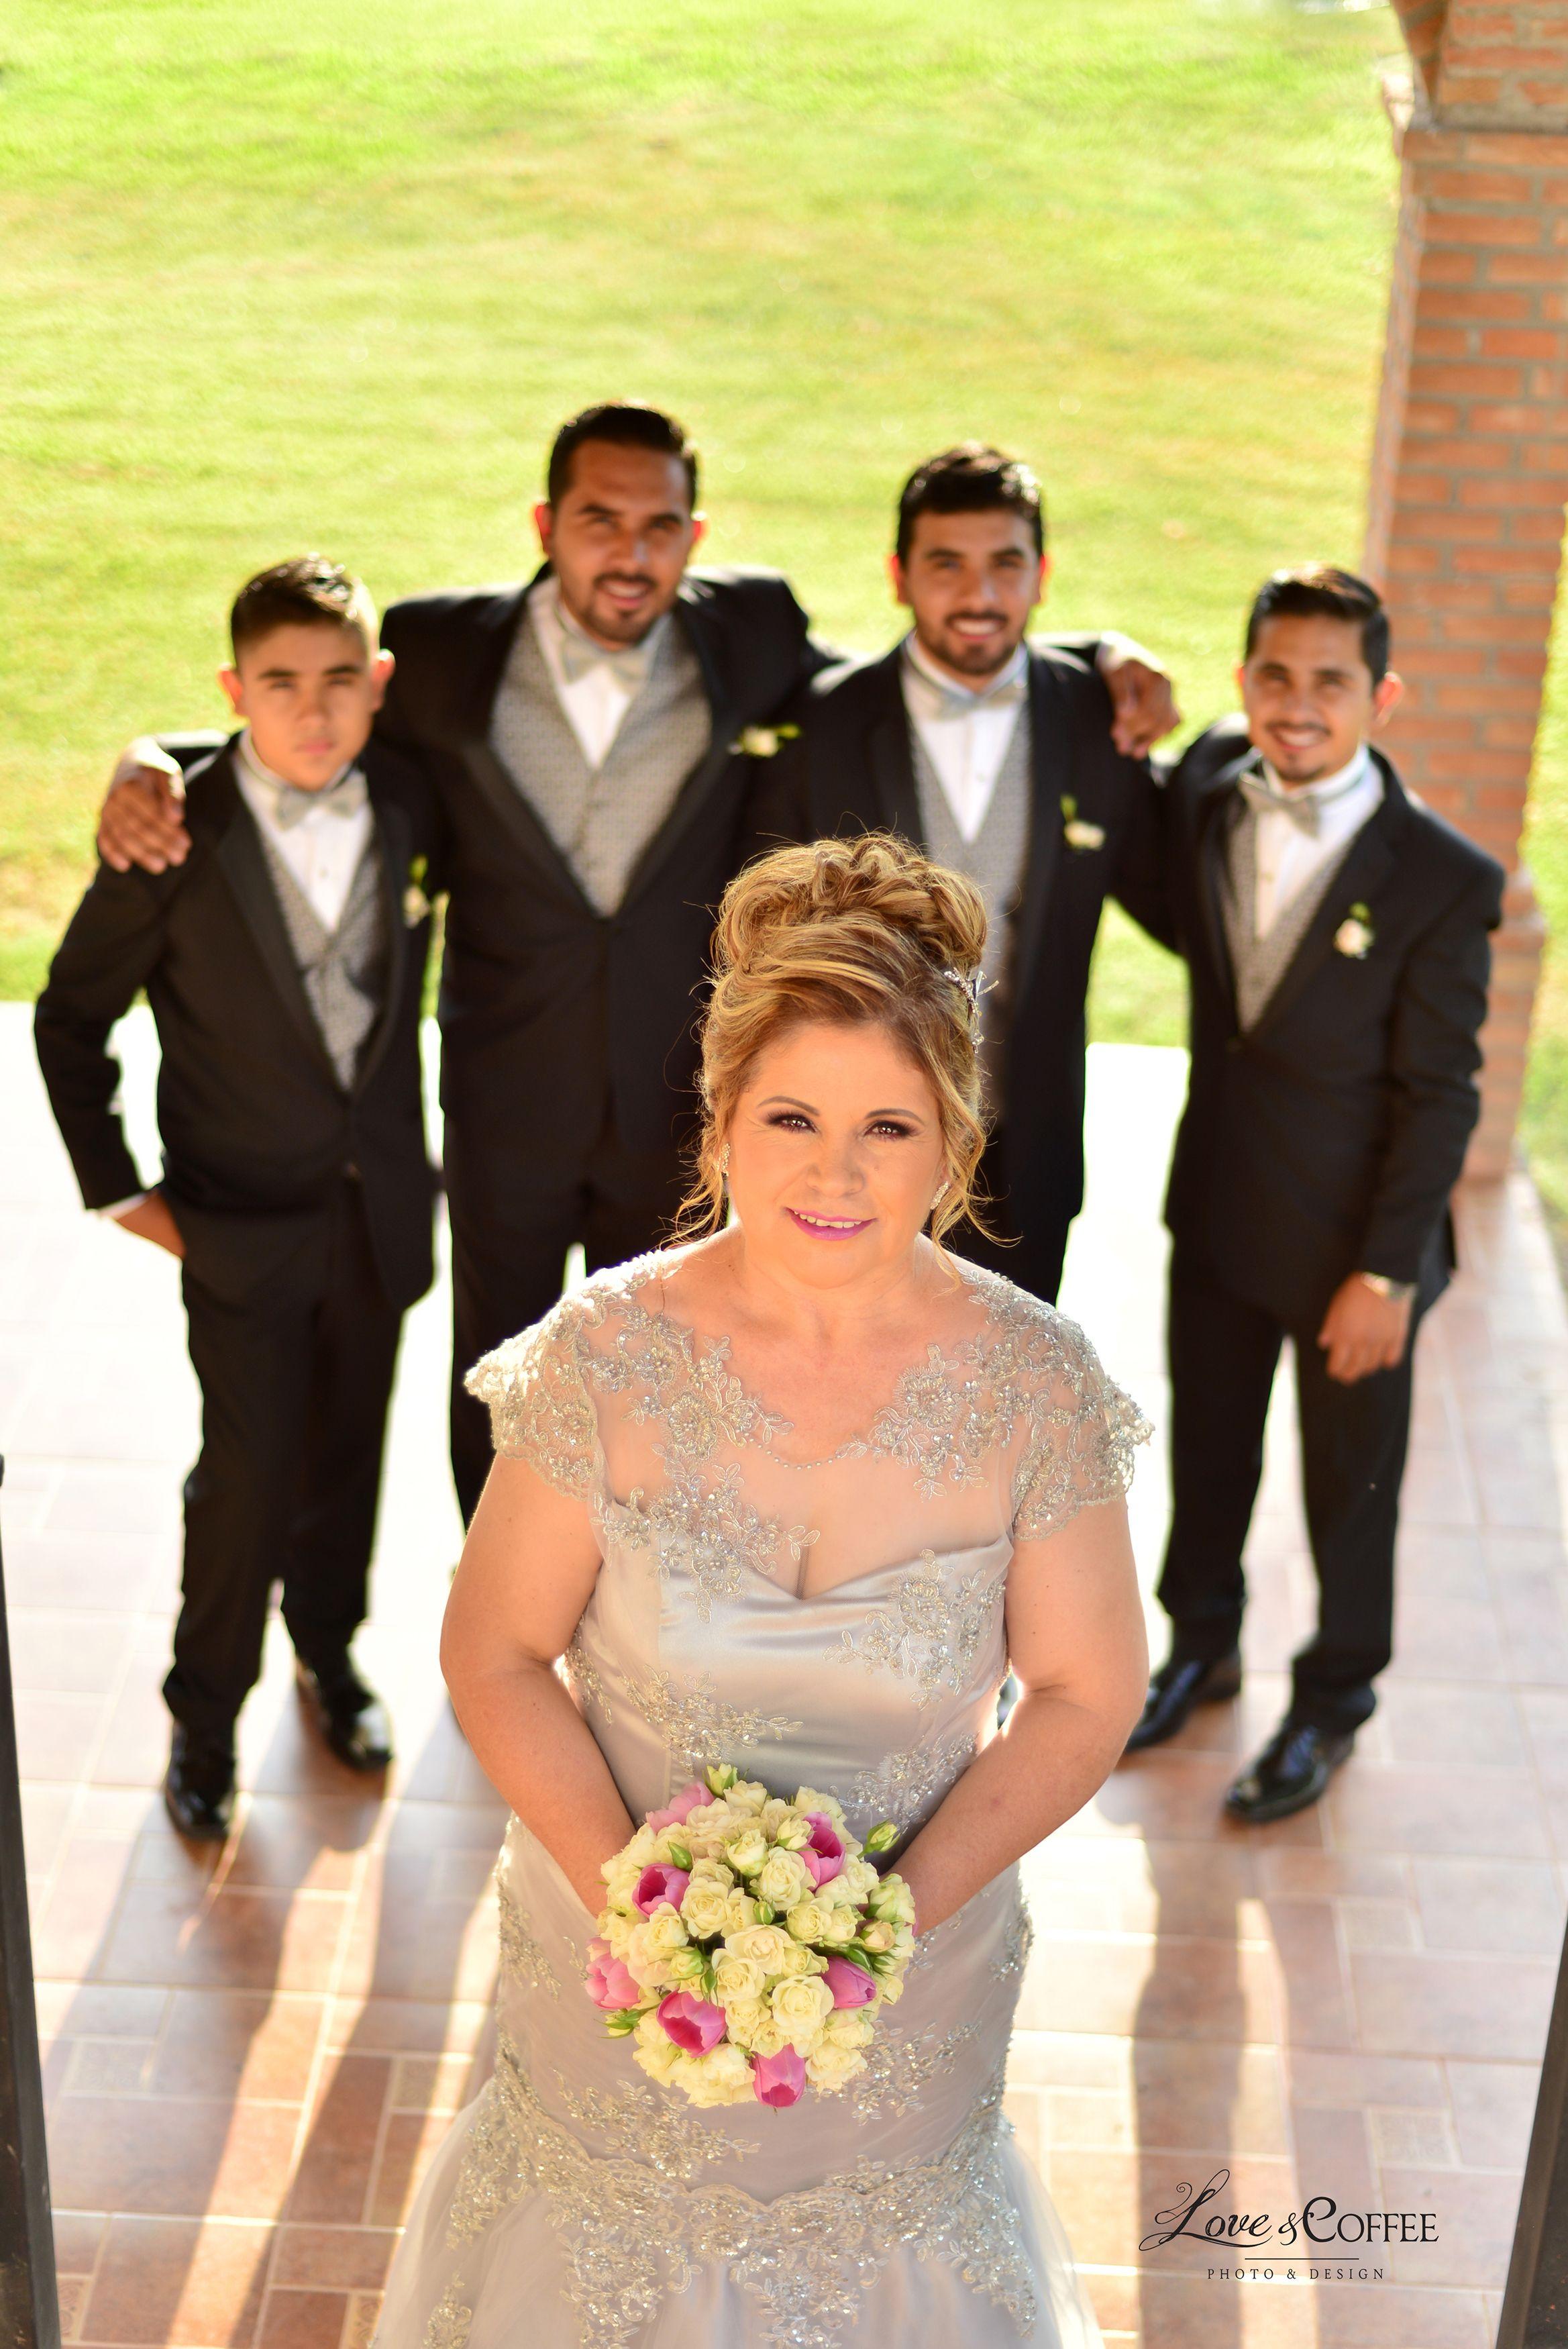 aniversario aos hermosa novia y sus hijos felicidades boda th parasilver